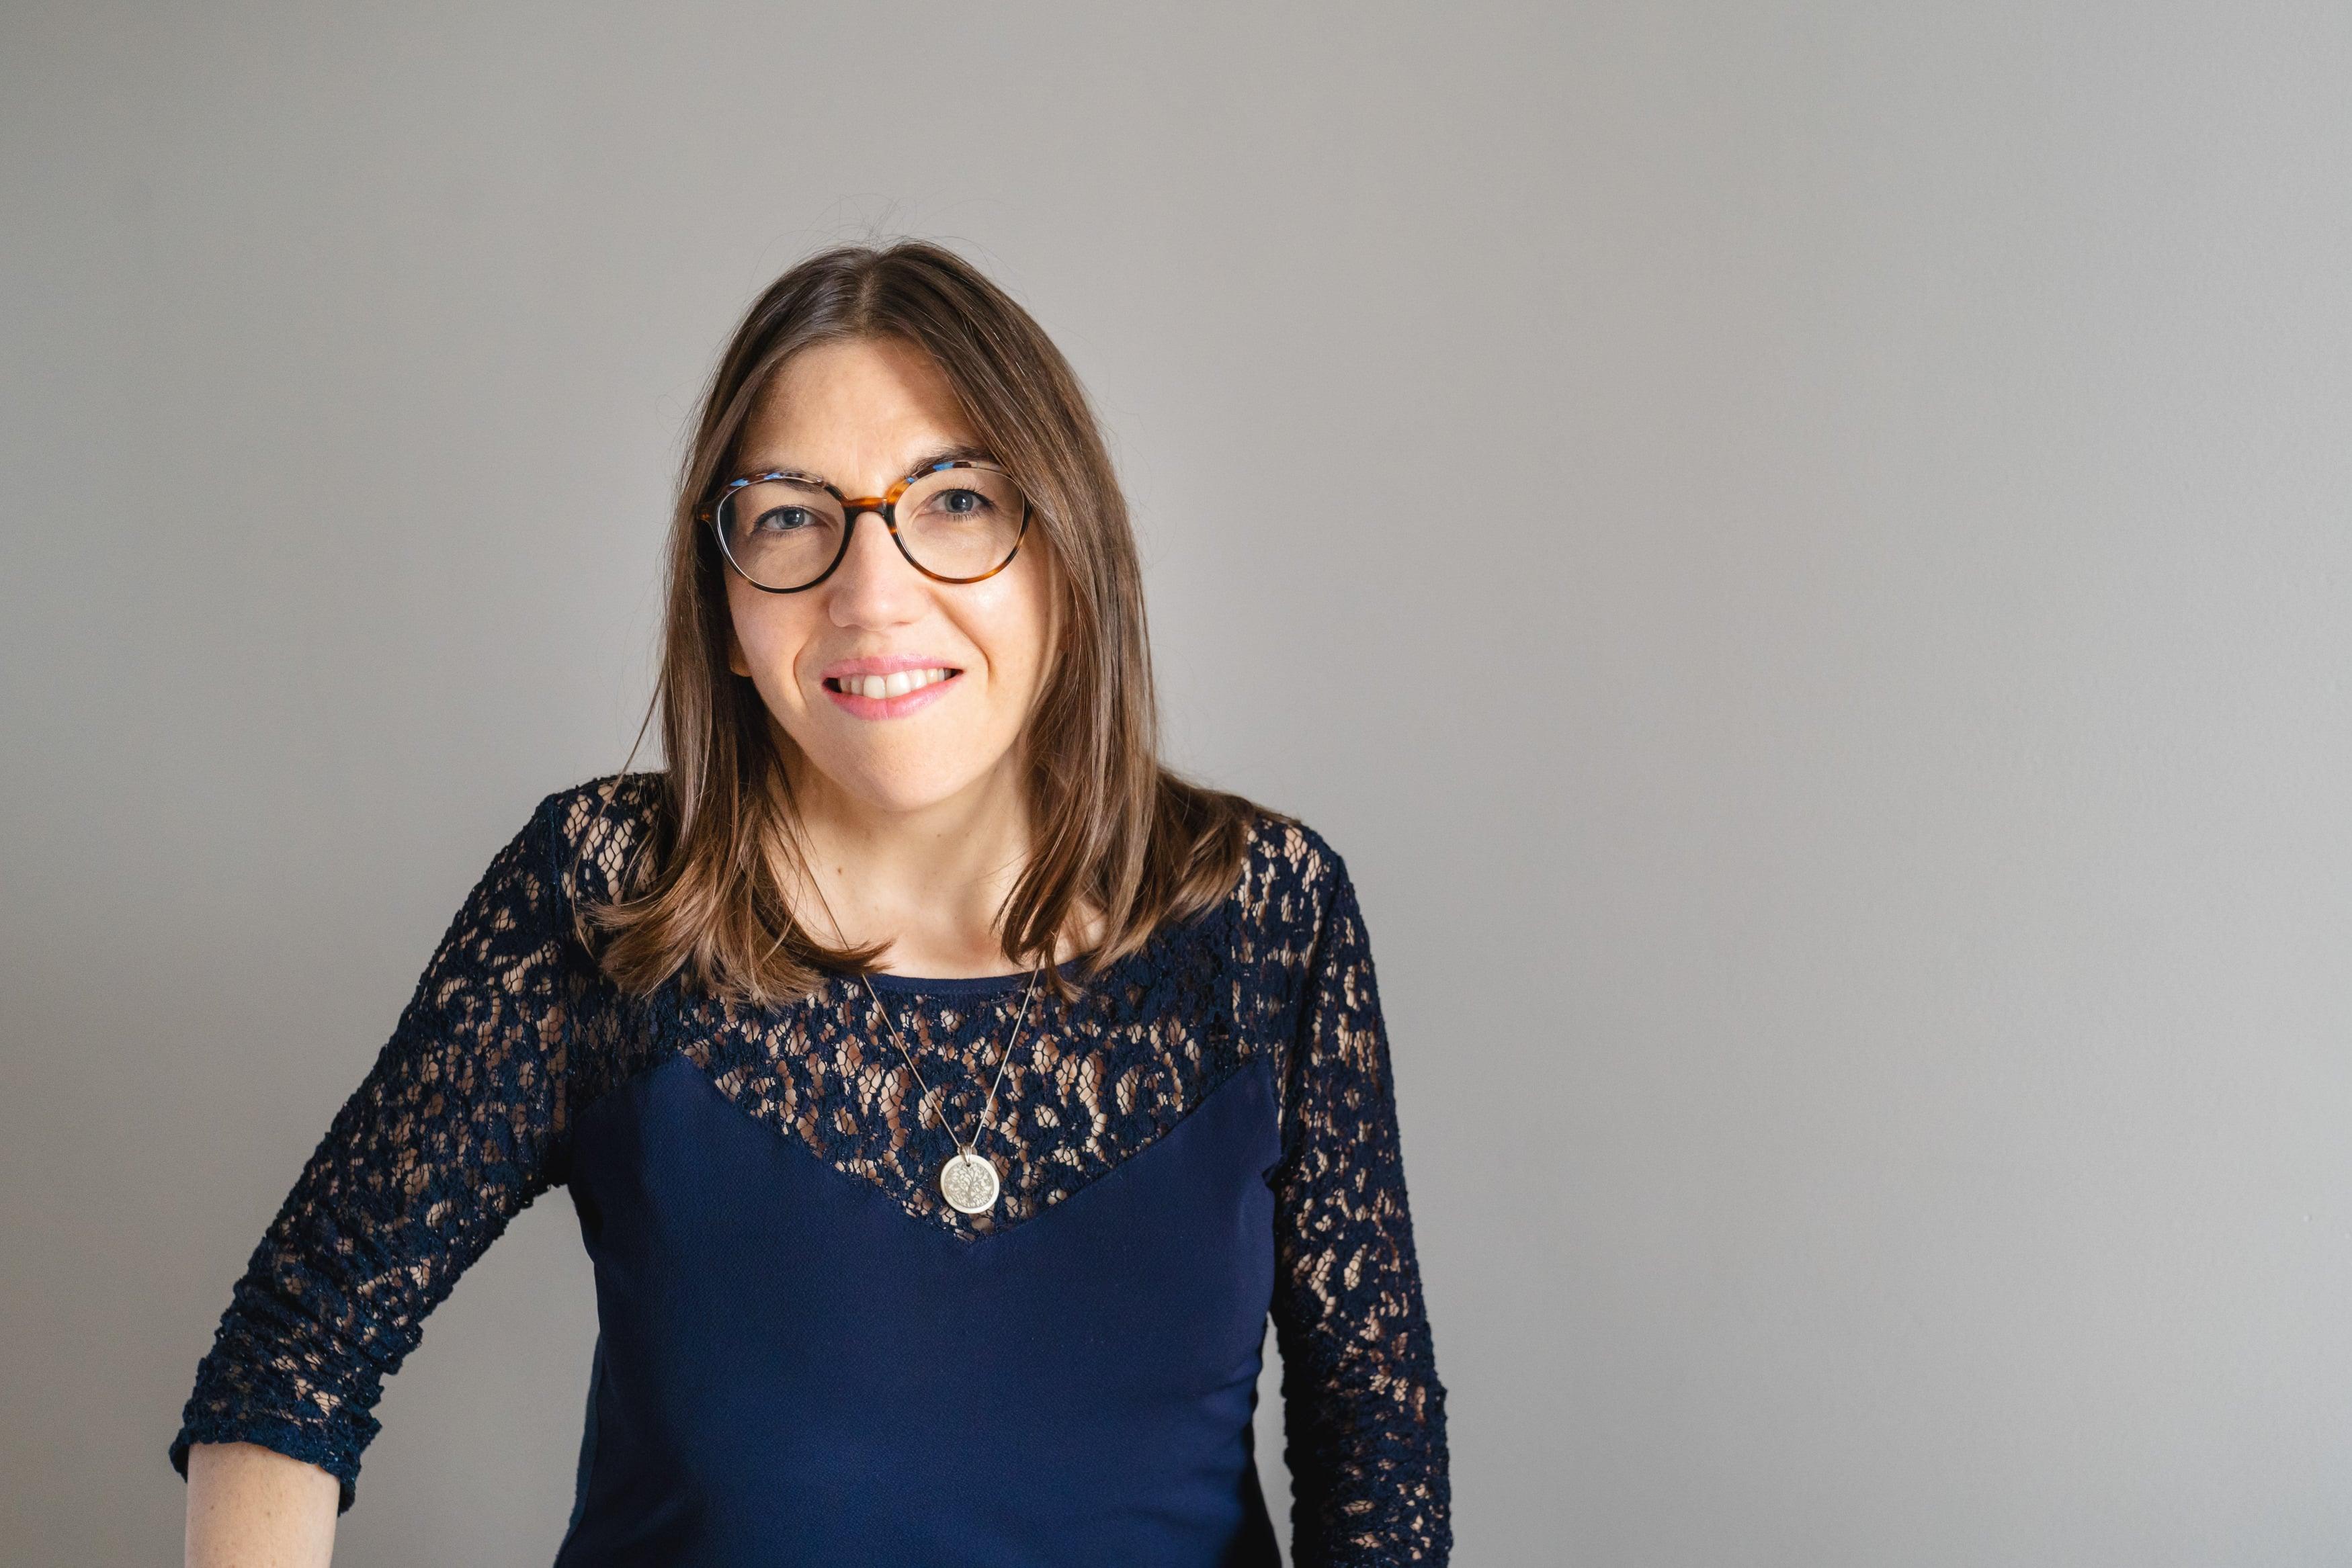 Une équipe à taille humaine à votre écoute - Me Marie Blandin - Avocate spécialisée en droit de la famille à Rennes